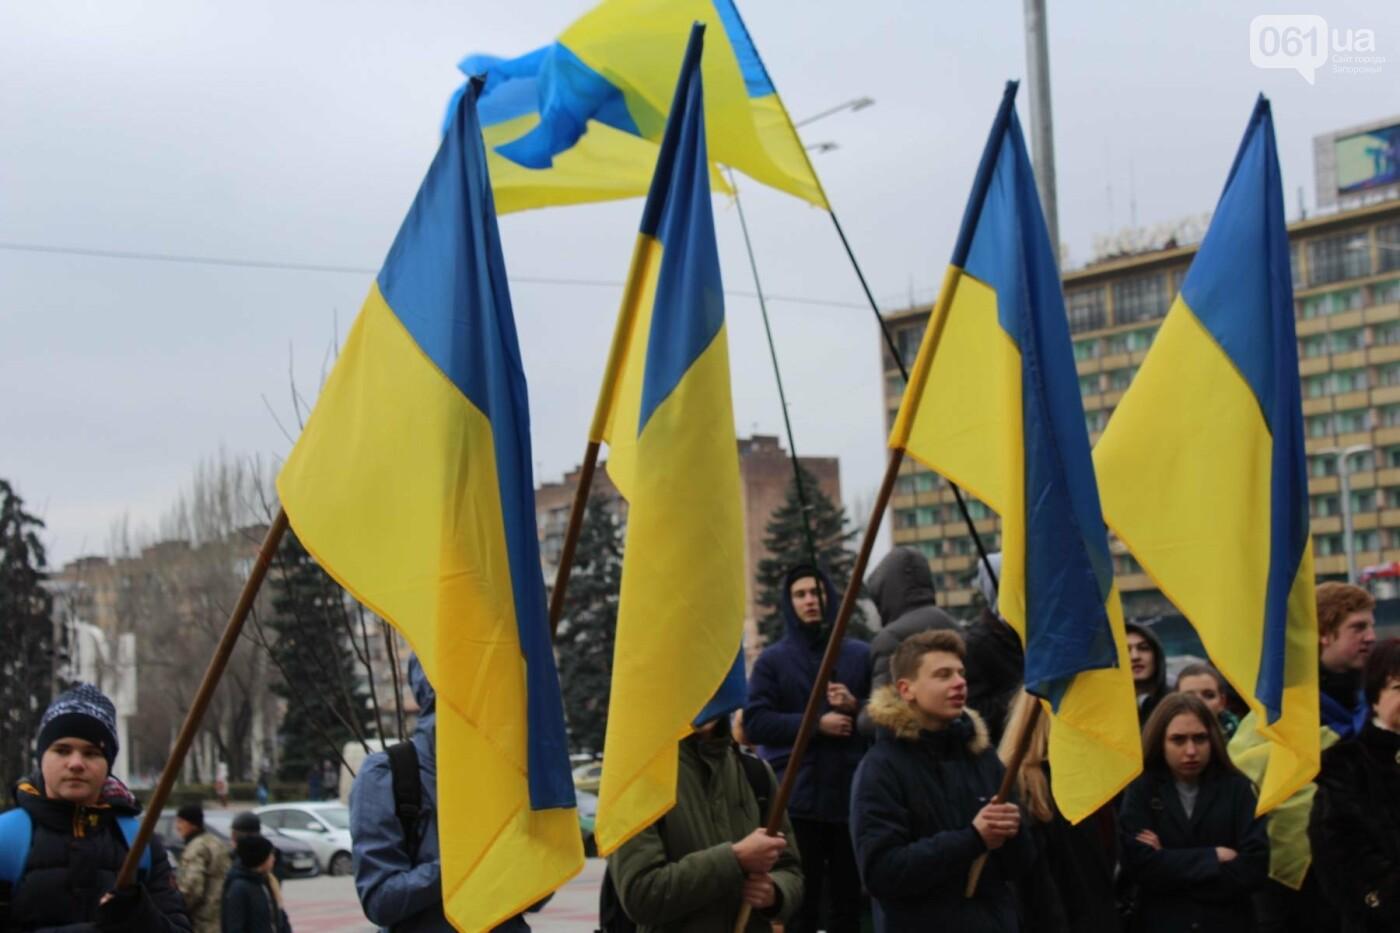 В Запорожье на митинге возле ОГА отметили День достоинства и свободы, — ФОТОРЕПОРТАЖ, фото-1